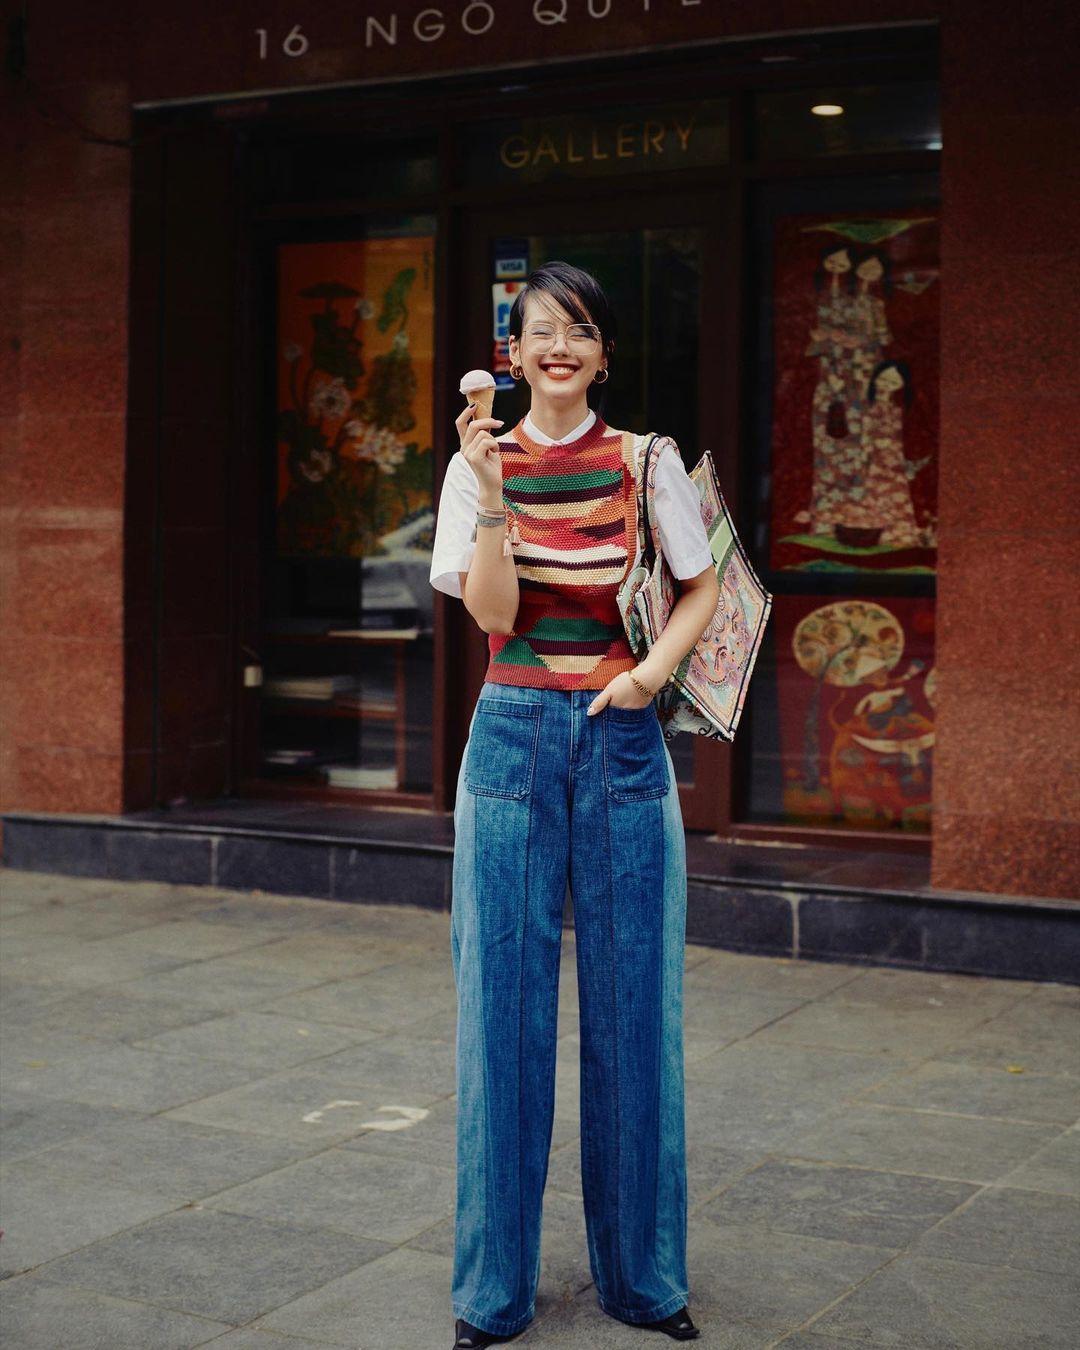 Instagram look của sao Việt tuần qua: Chi Pu khoe nội y lộ liễu, Huyền Baby mặc quần ngắn hiểm hóc - Ảnh 4.